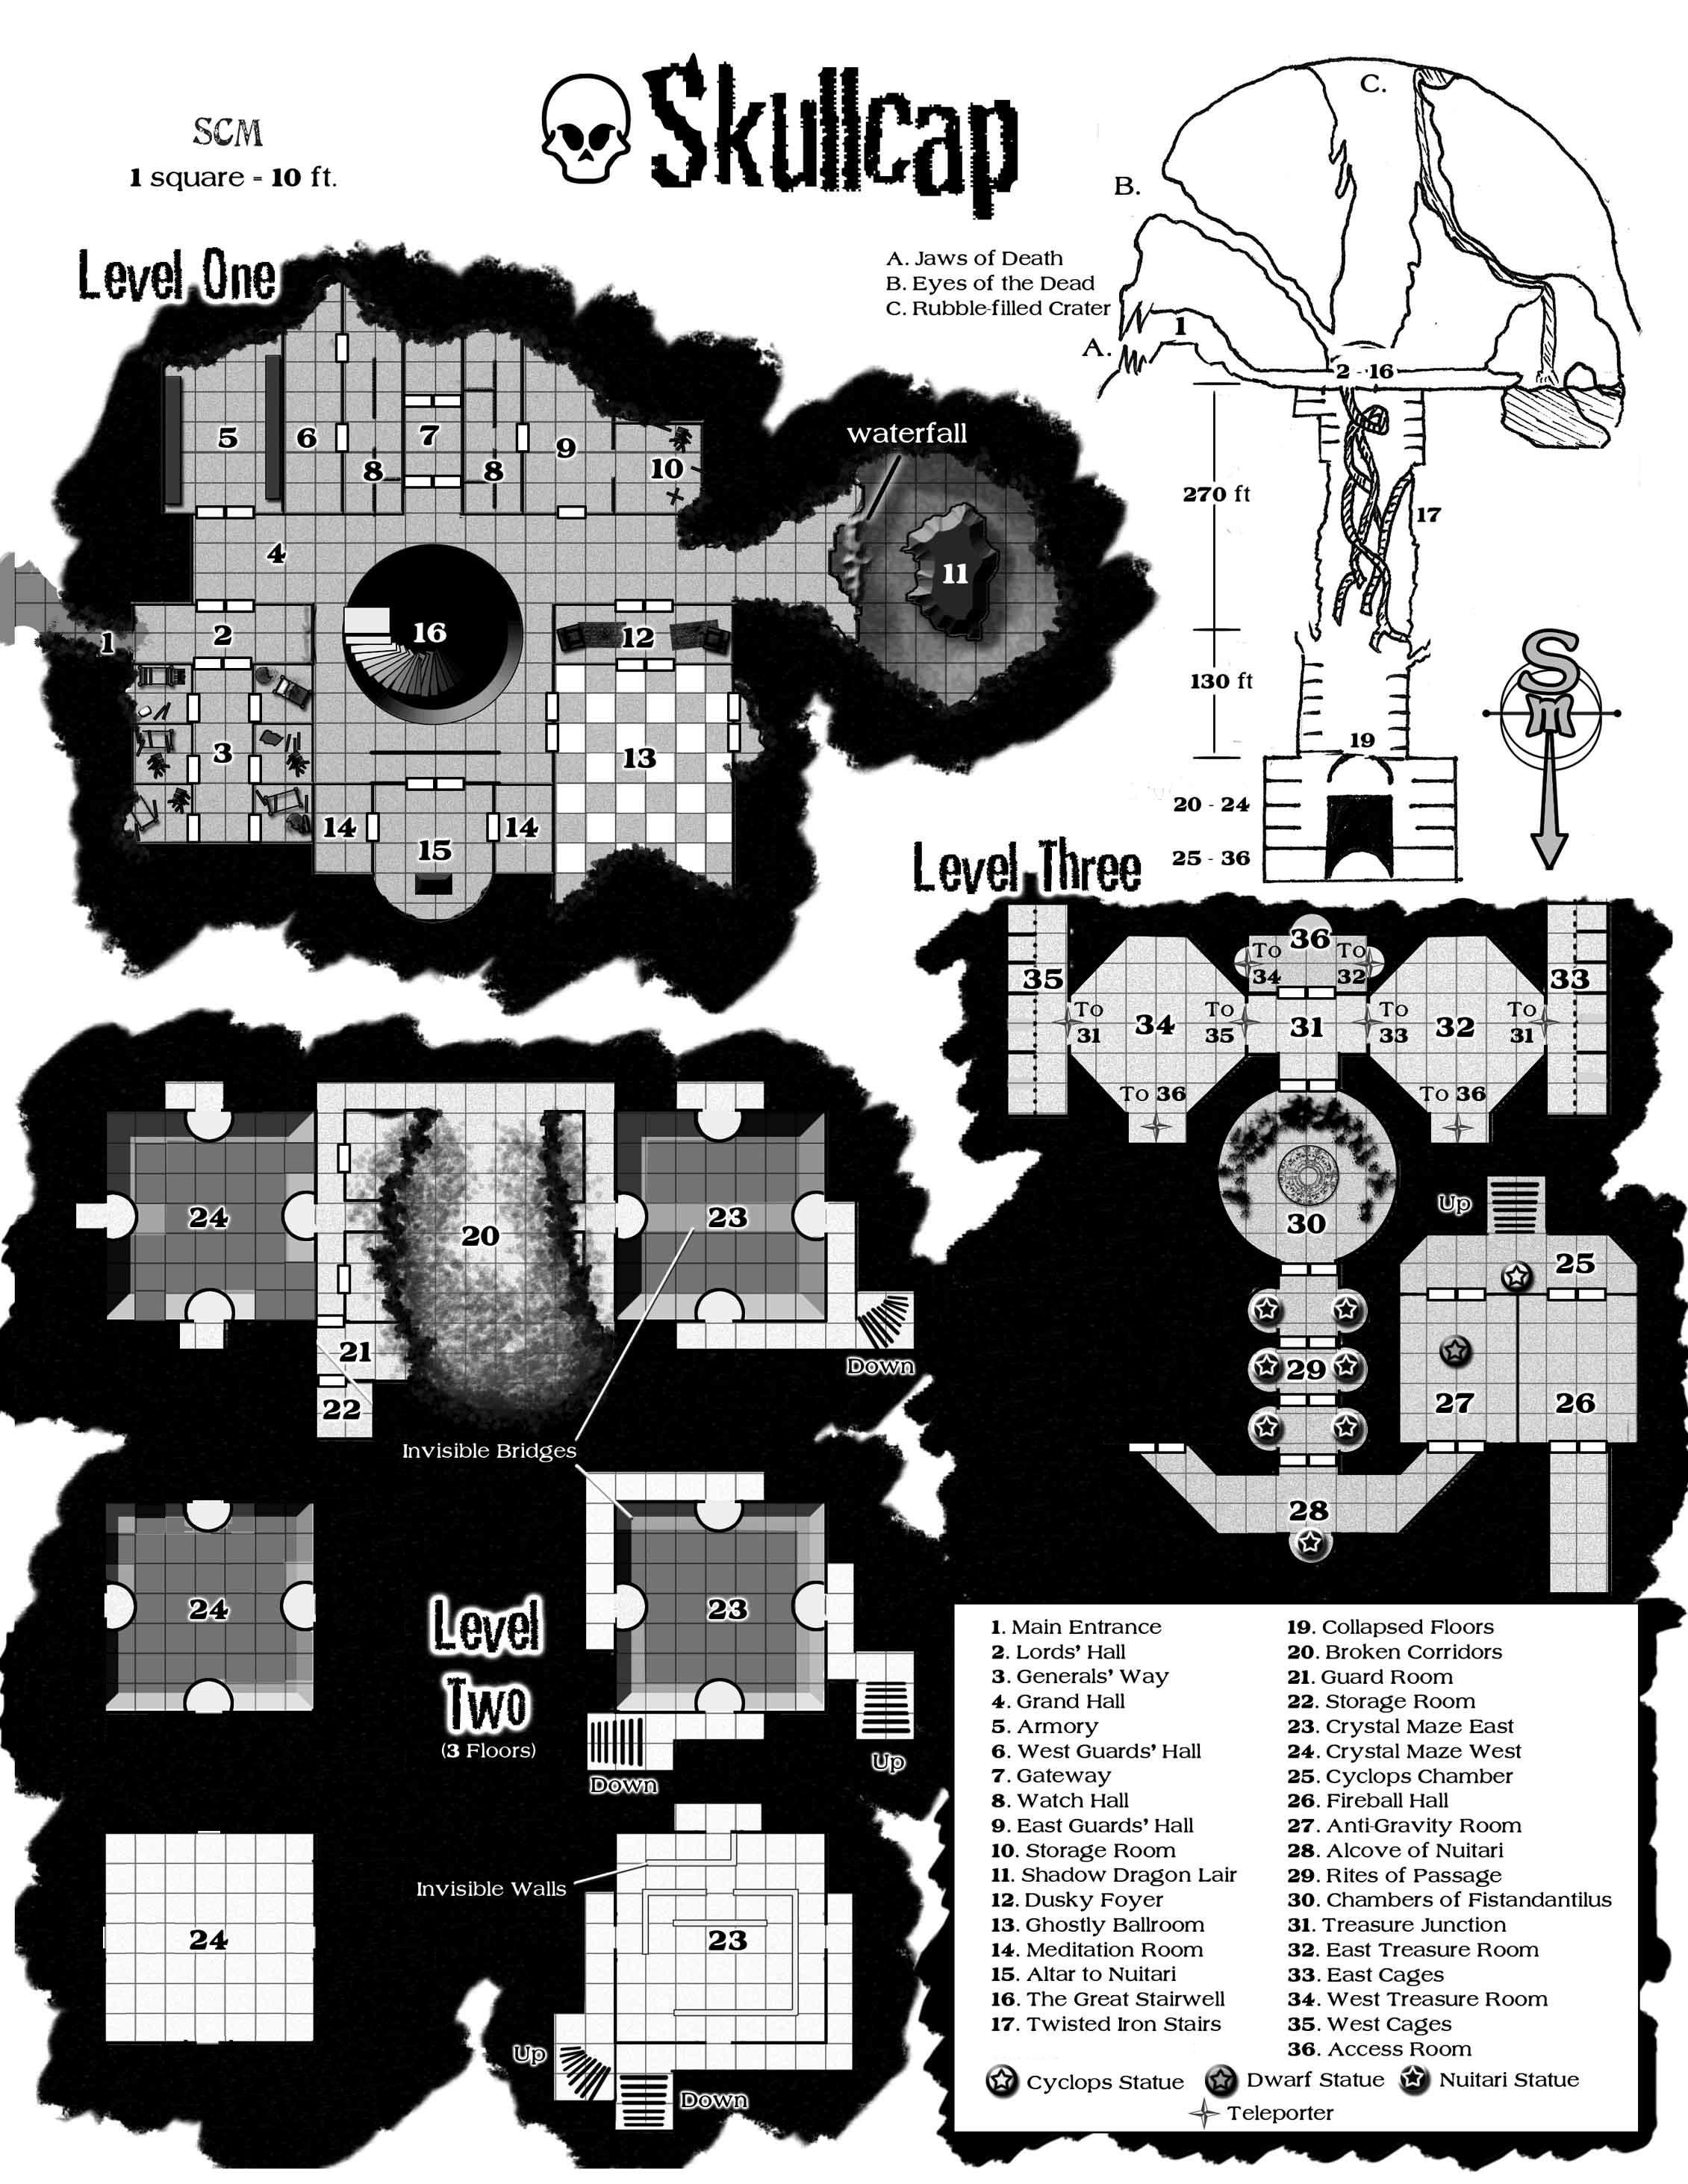 Skullcap map